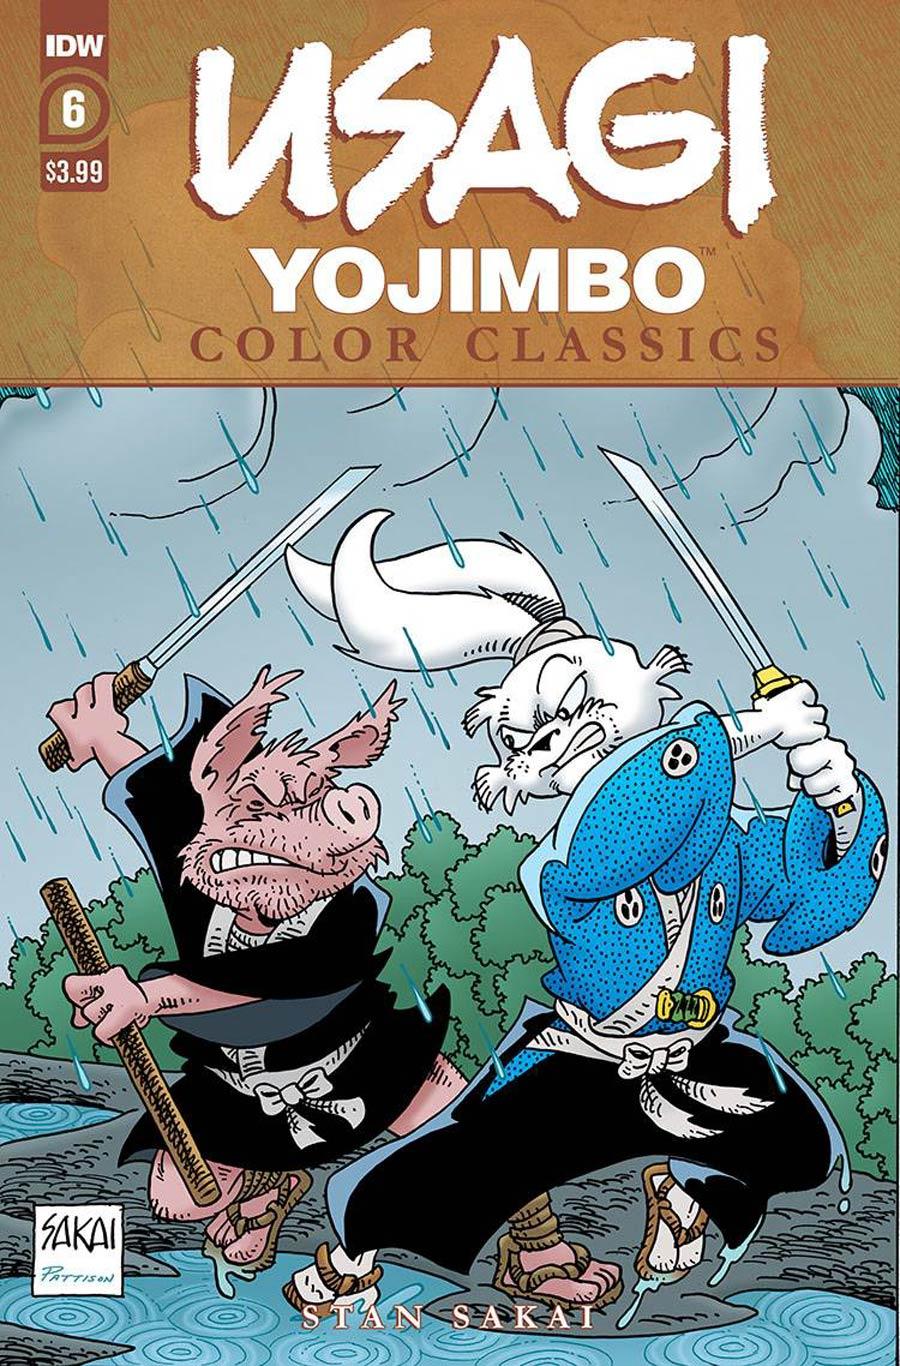 Usagi Yojimbo: Color Classics #6 (2020)